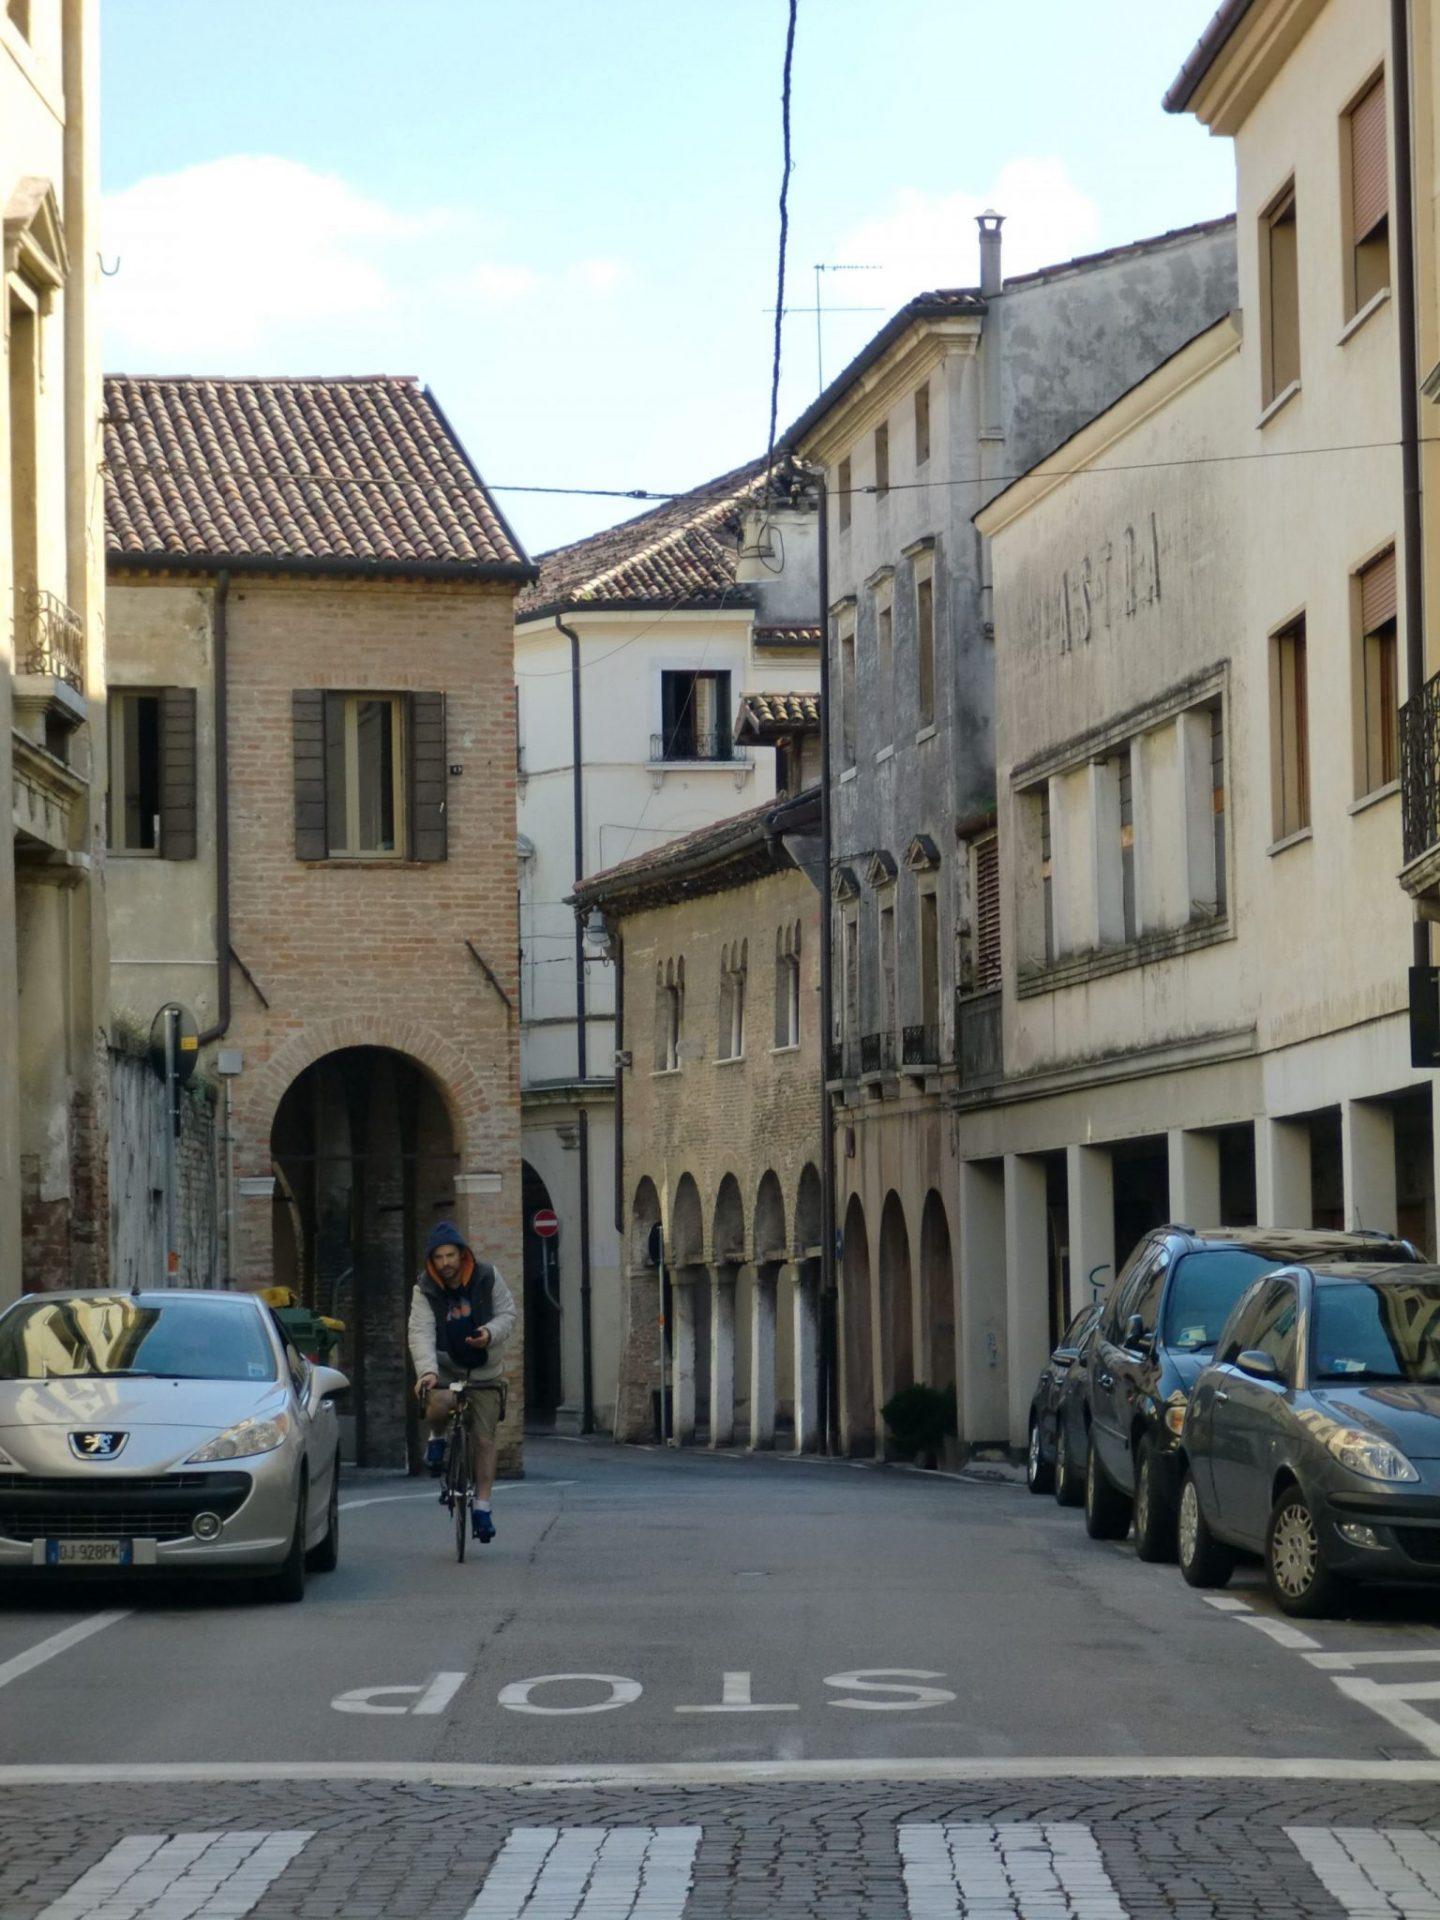 Treviso città 5 1440x1920 - Treviso: Italian beauty